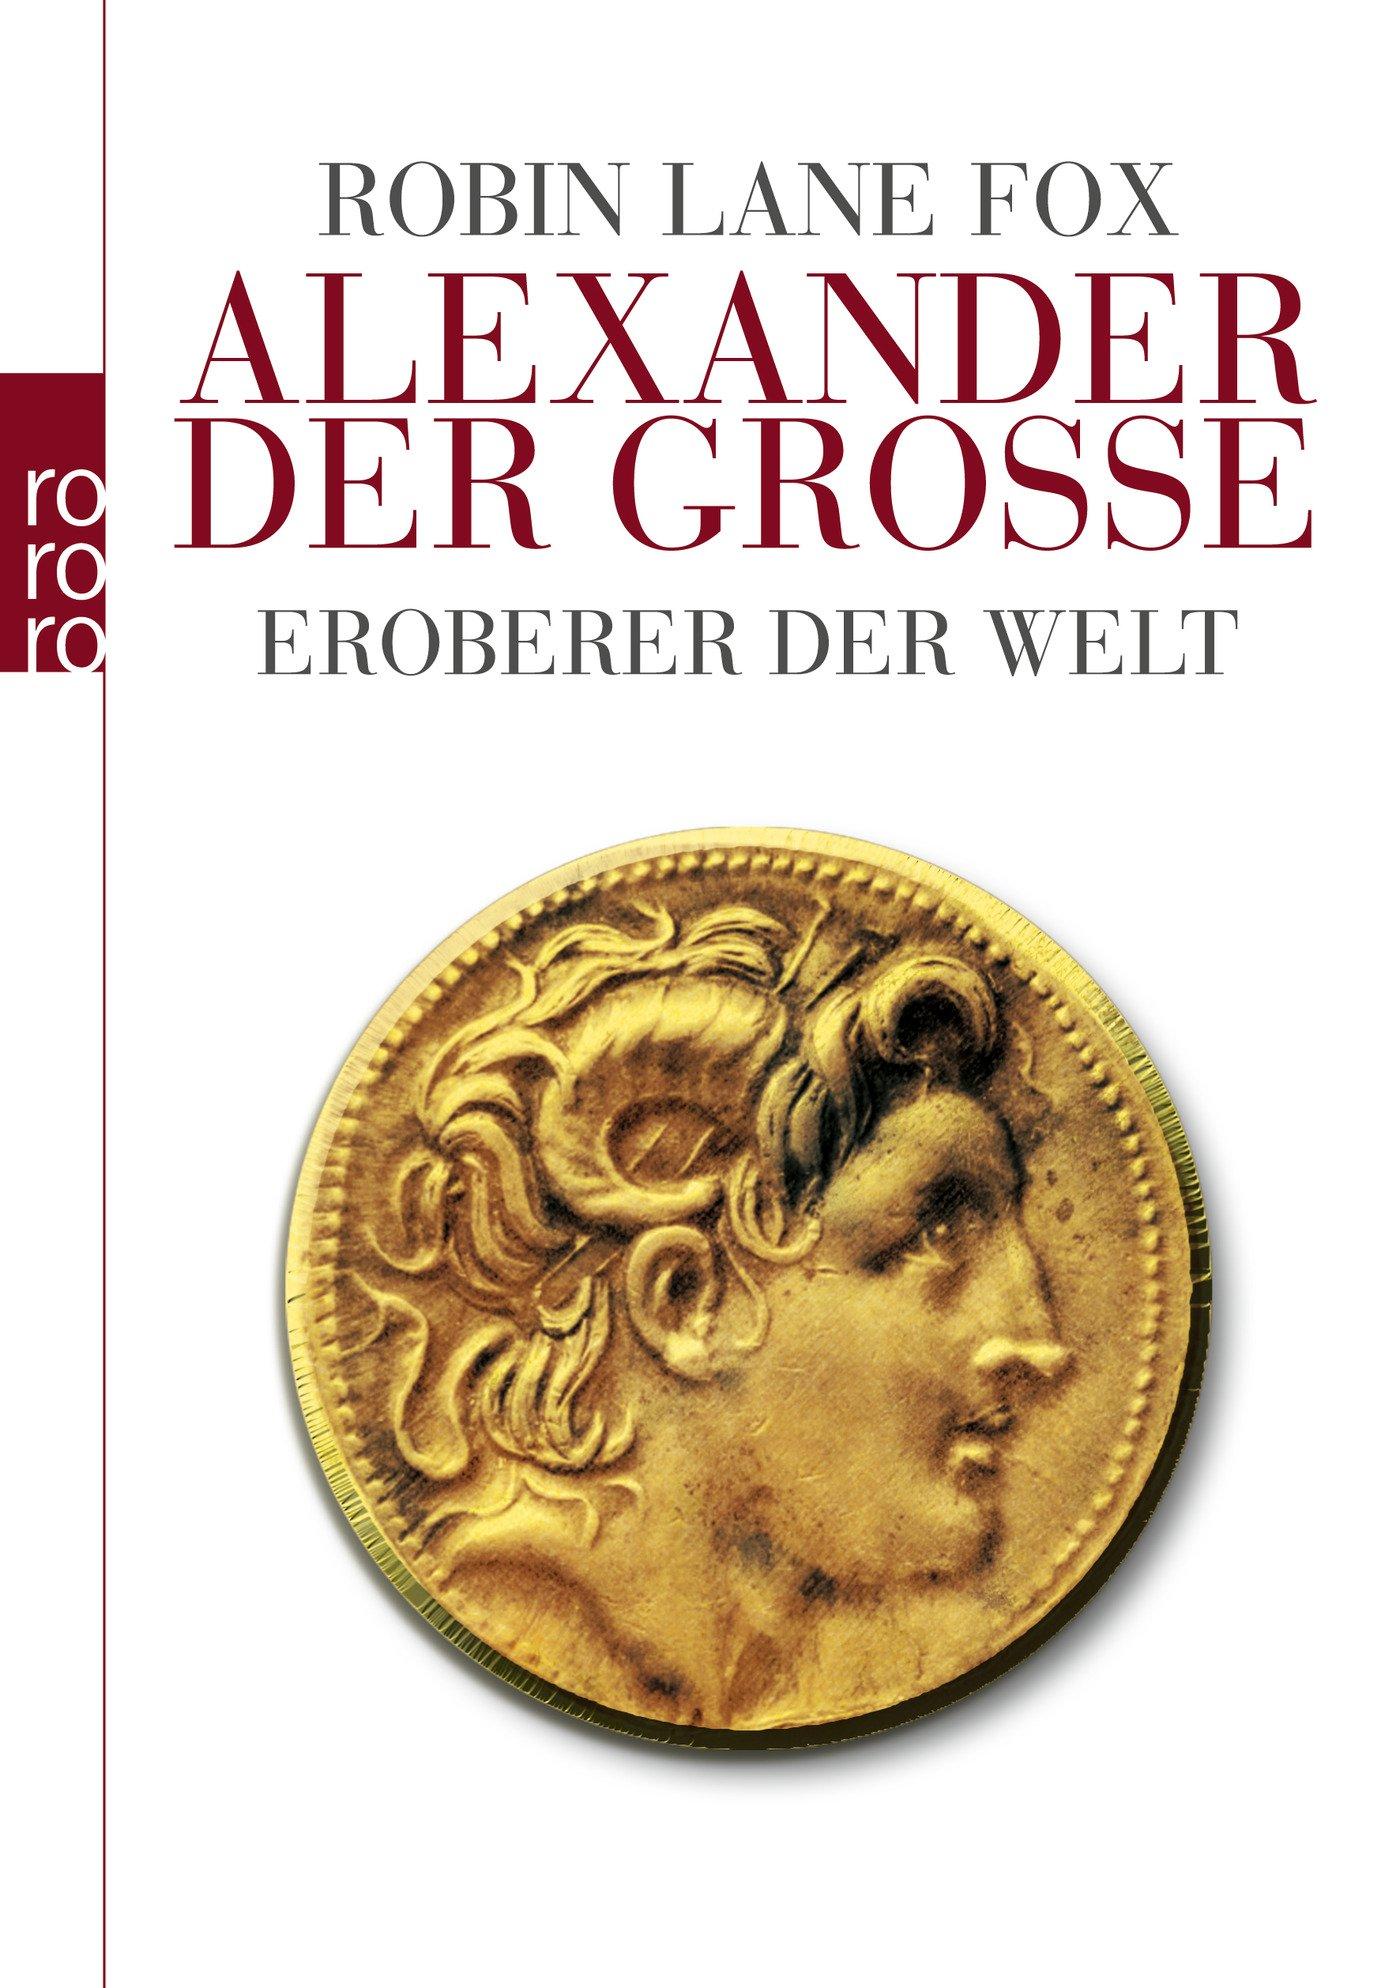 Alexander der Große: Eroberer der Welt